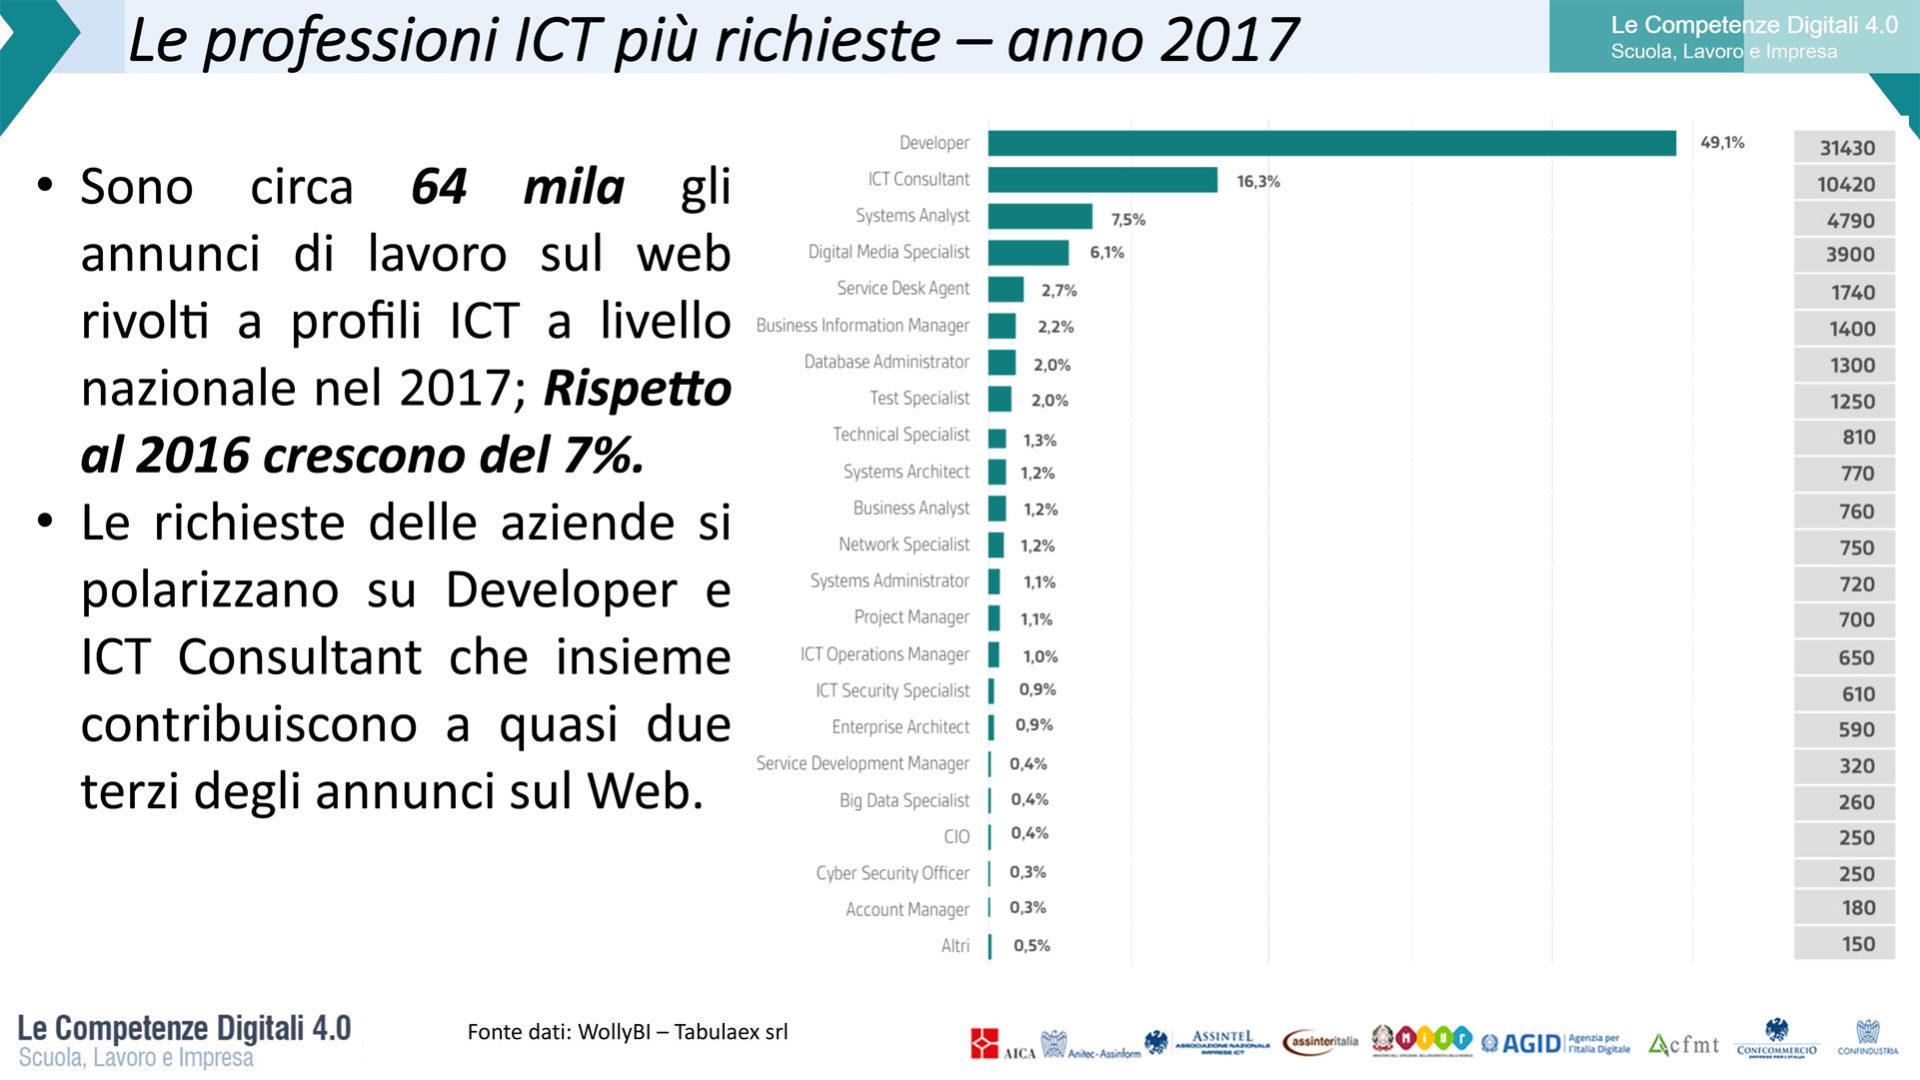 Grafico che rappresenta Le professioni ICT più richieste nel 2017